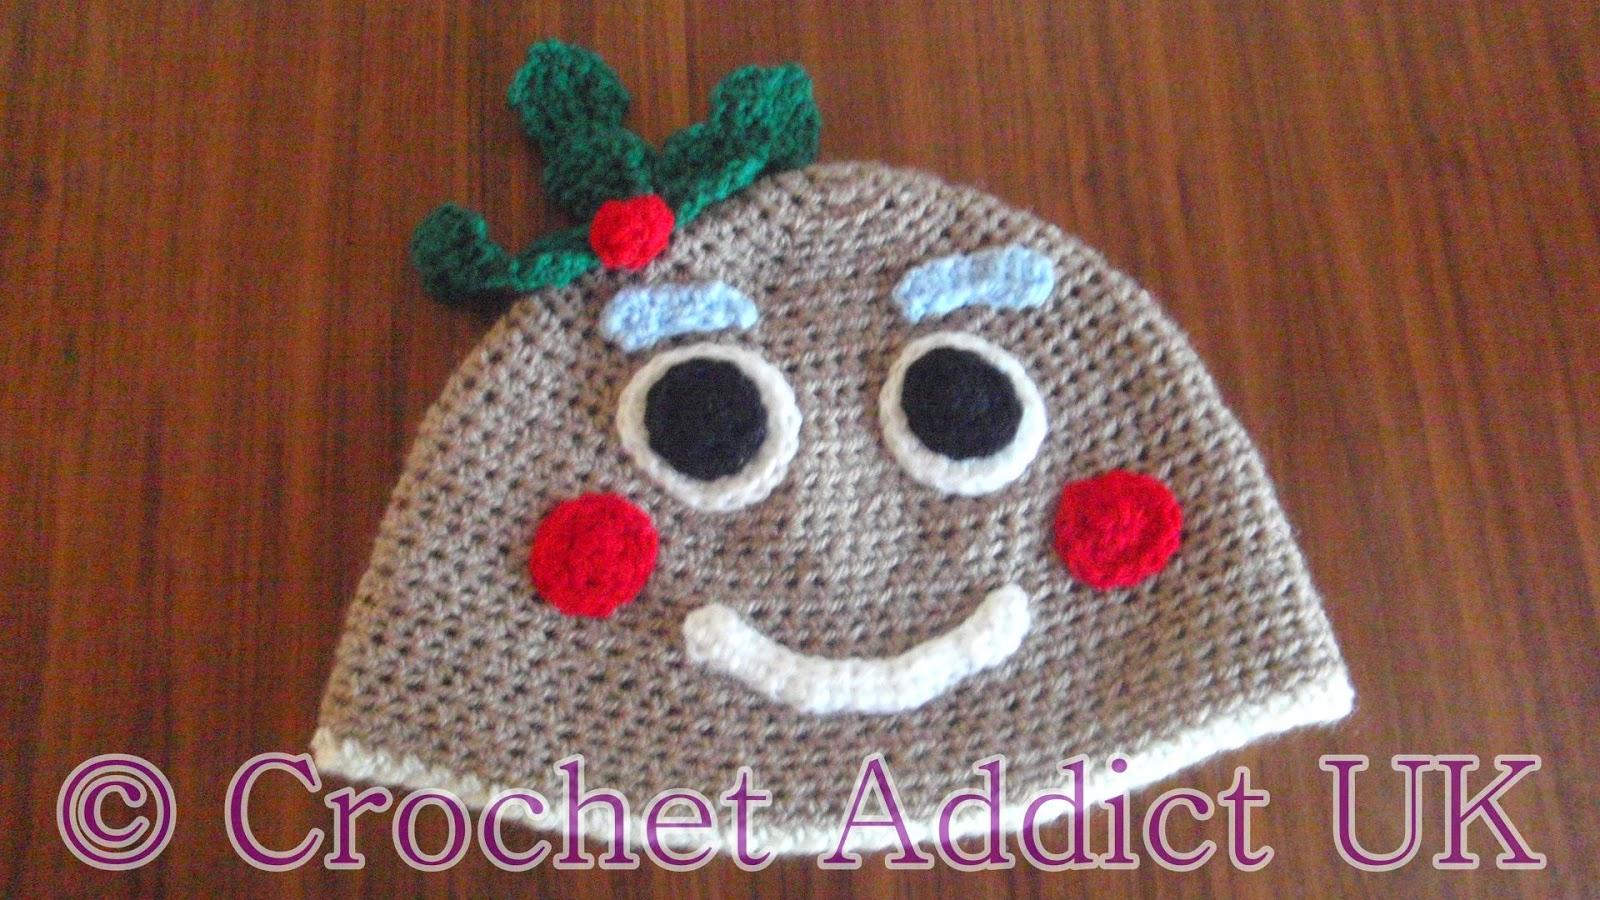 Free Crochet Pattern For Gingerbread Man Hat : #Gingerbread Man #Beanie #Hat 1 yr+ ~ #Free #Crochet # ...